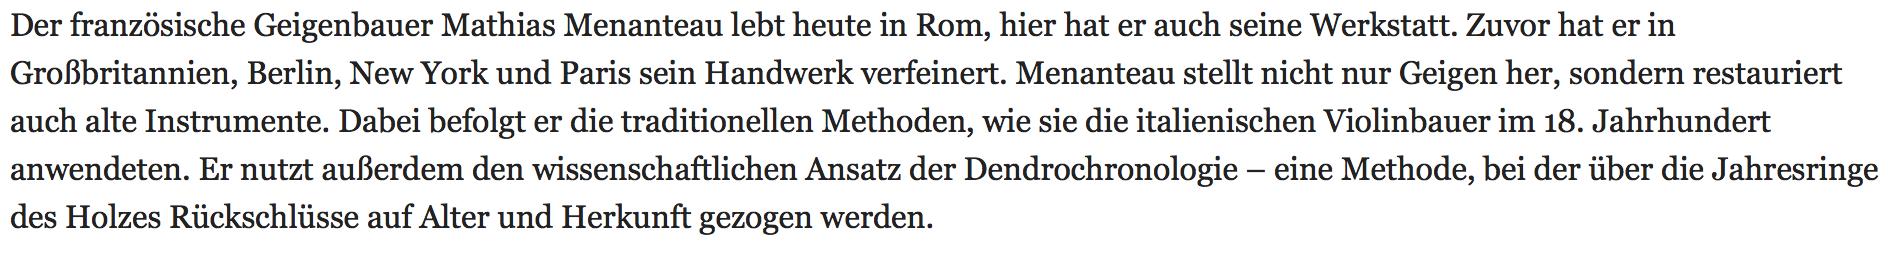 Zeit online2